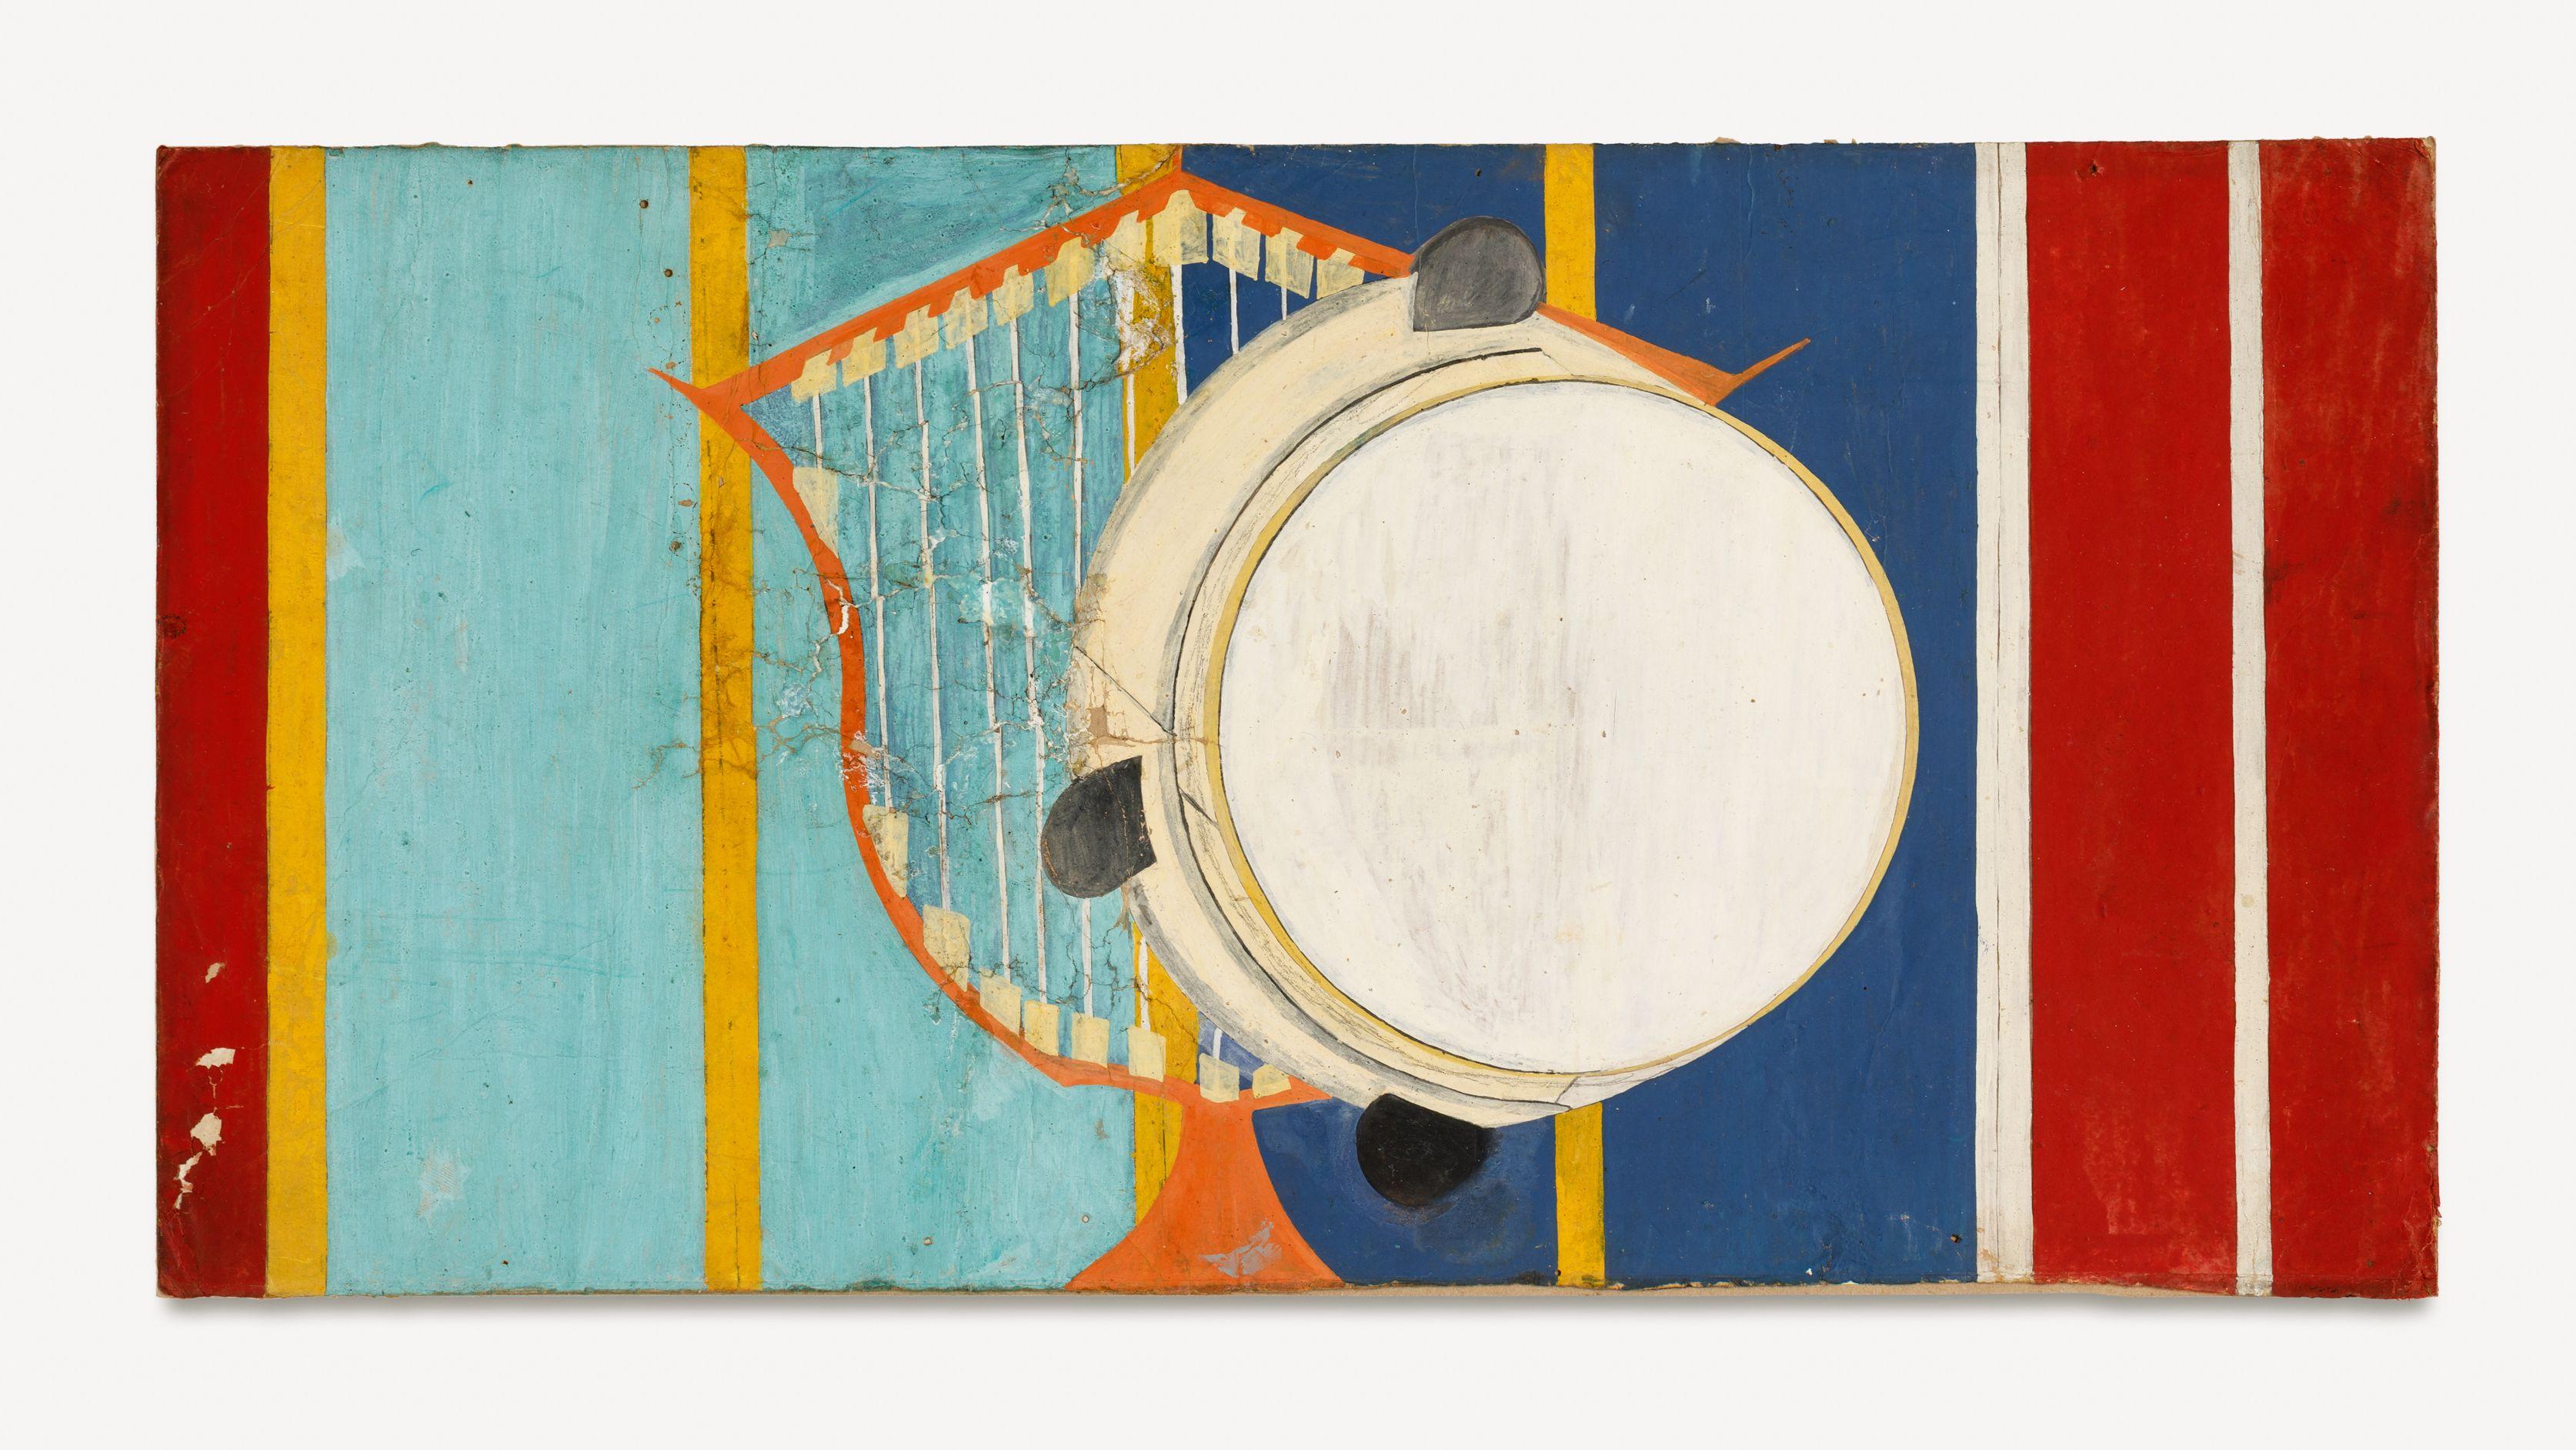 Abstraktes Bild im Querformat mit roten, gelben, türklisen und roten Längststreifen , in der Mitte eine Harfe und ein Tamburin